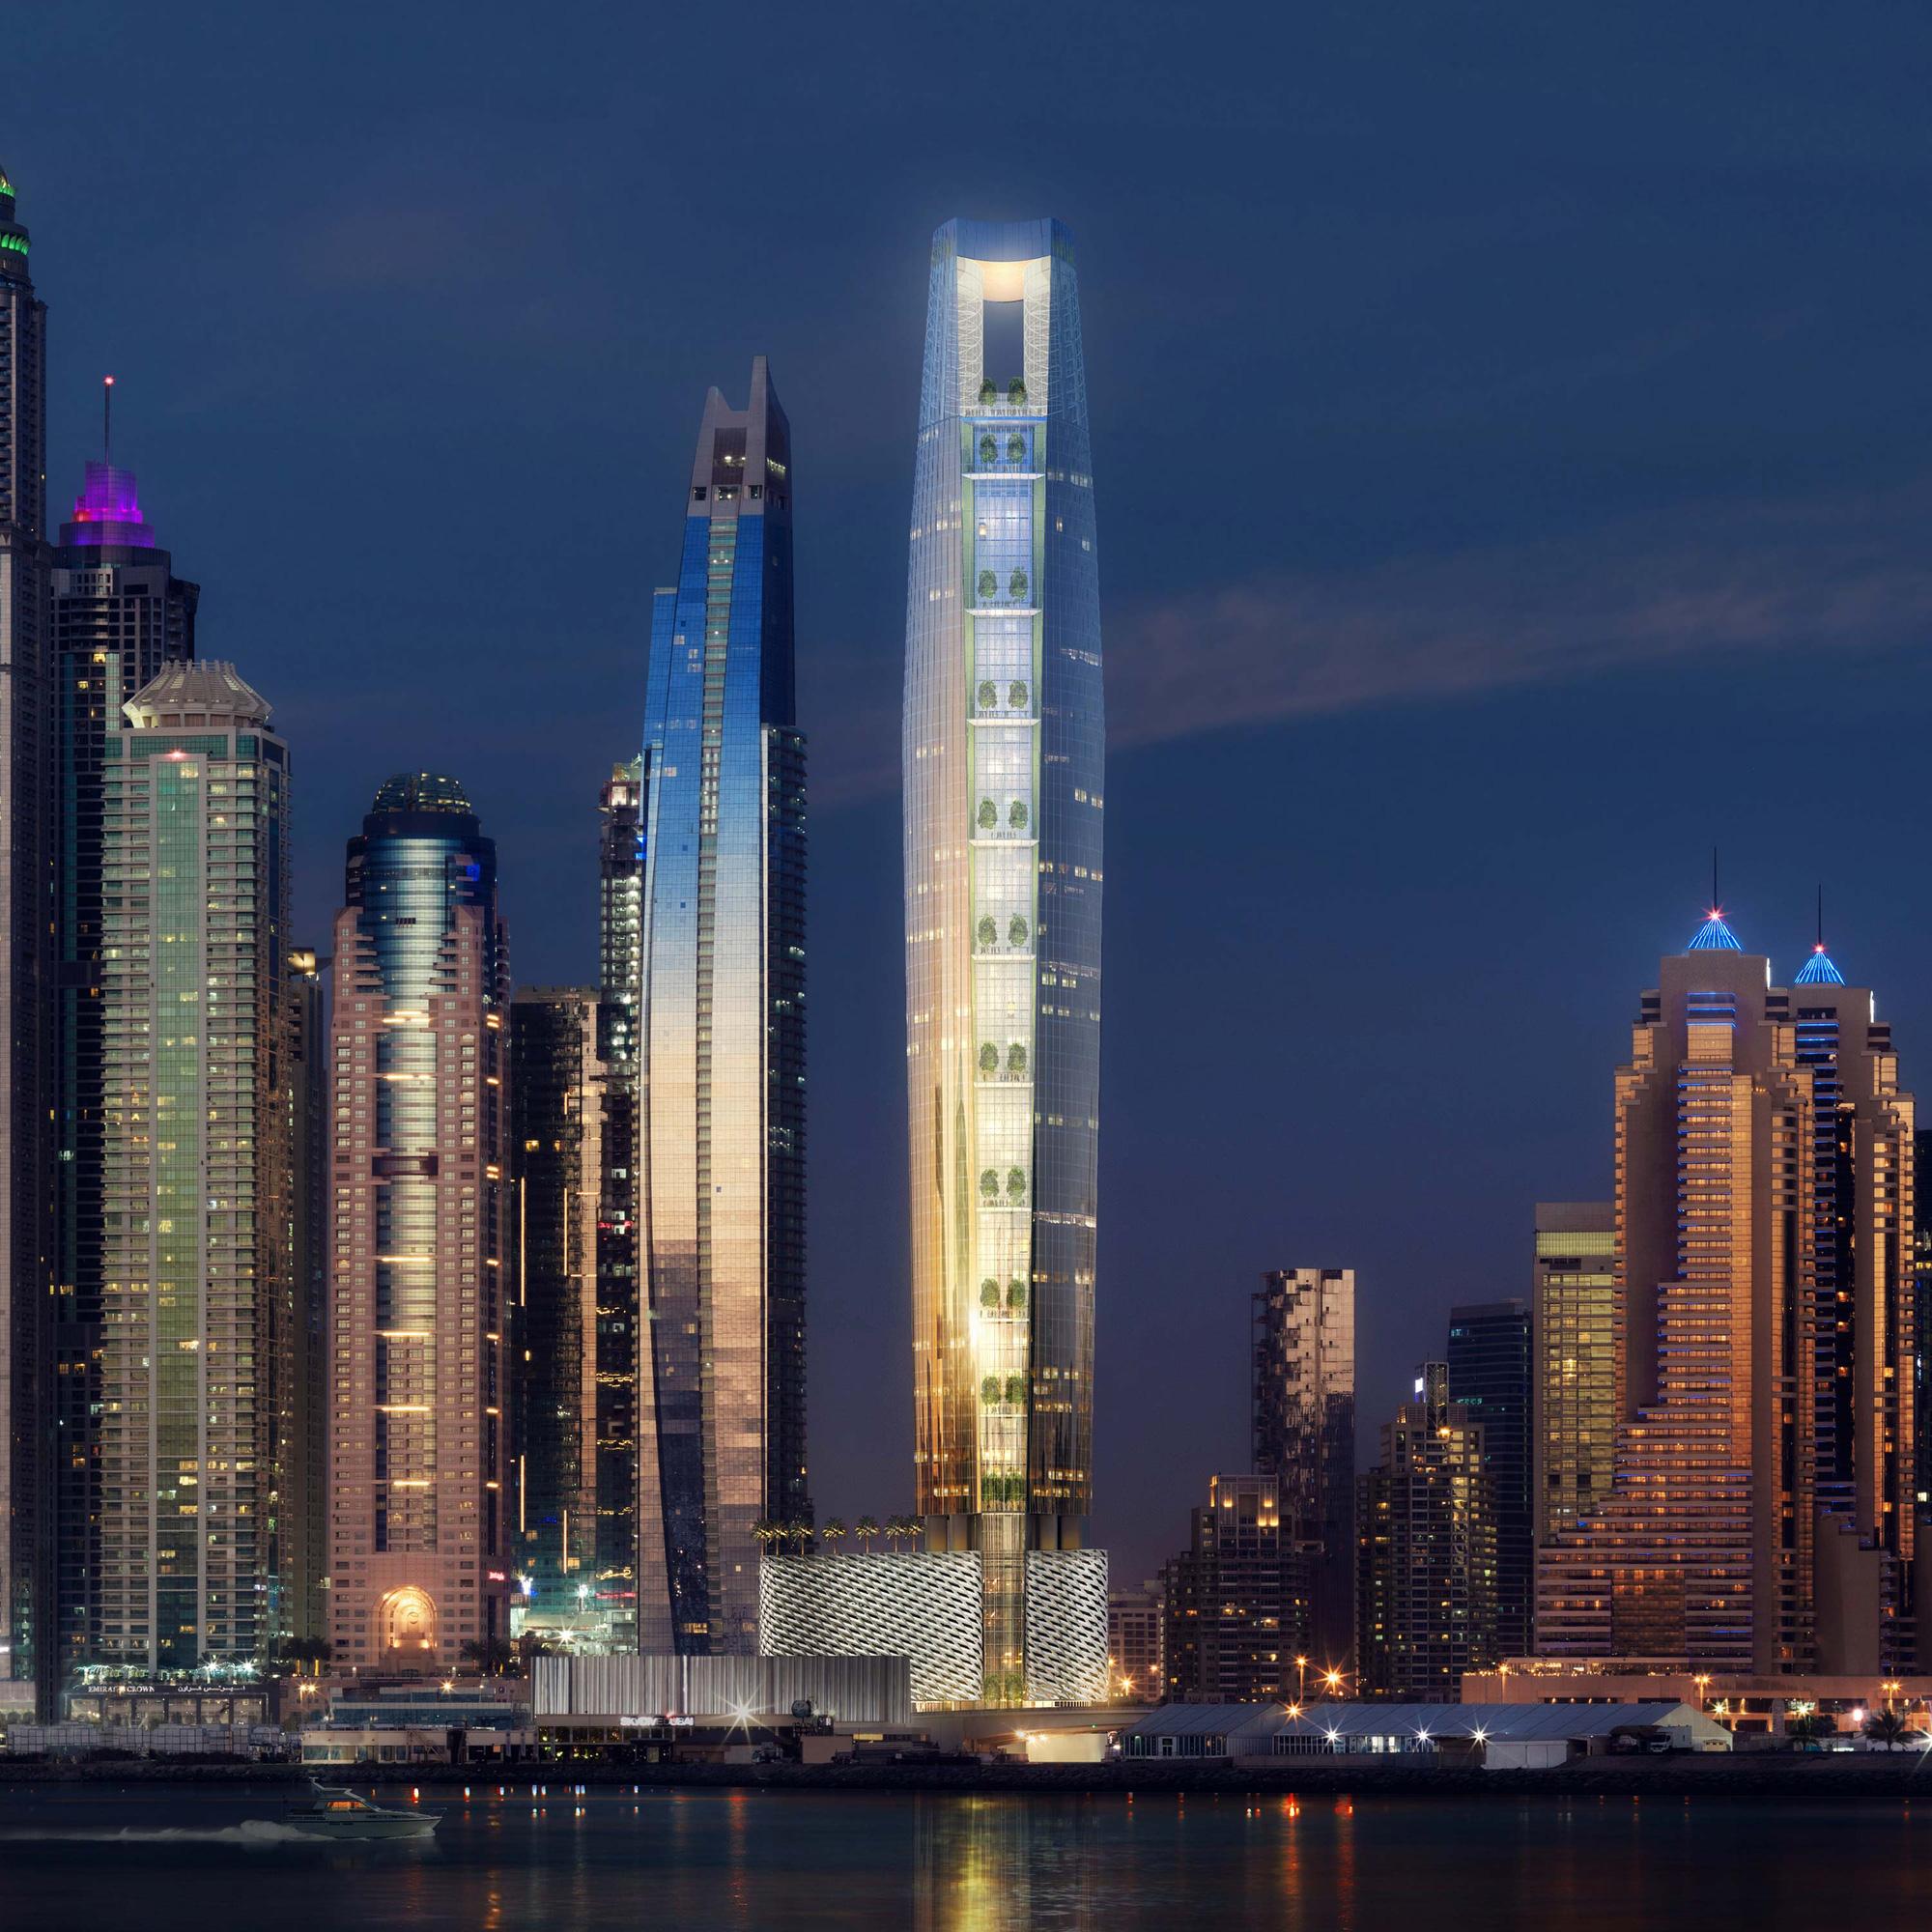 Chiêm ngưỡng siêu khách sạn cao nhất thế giới tại Dubai - Ảnh 1.